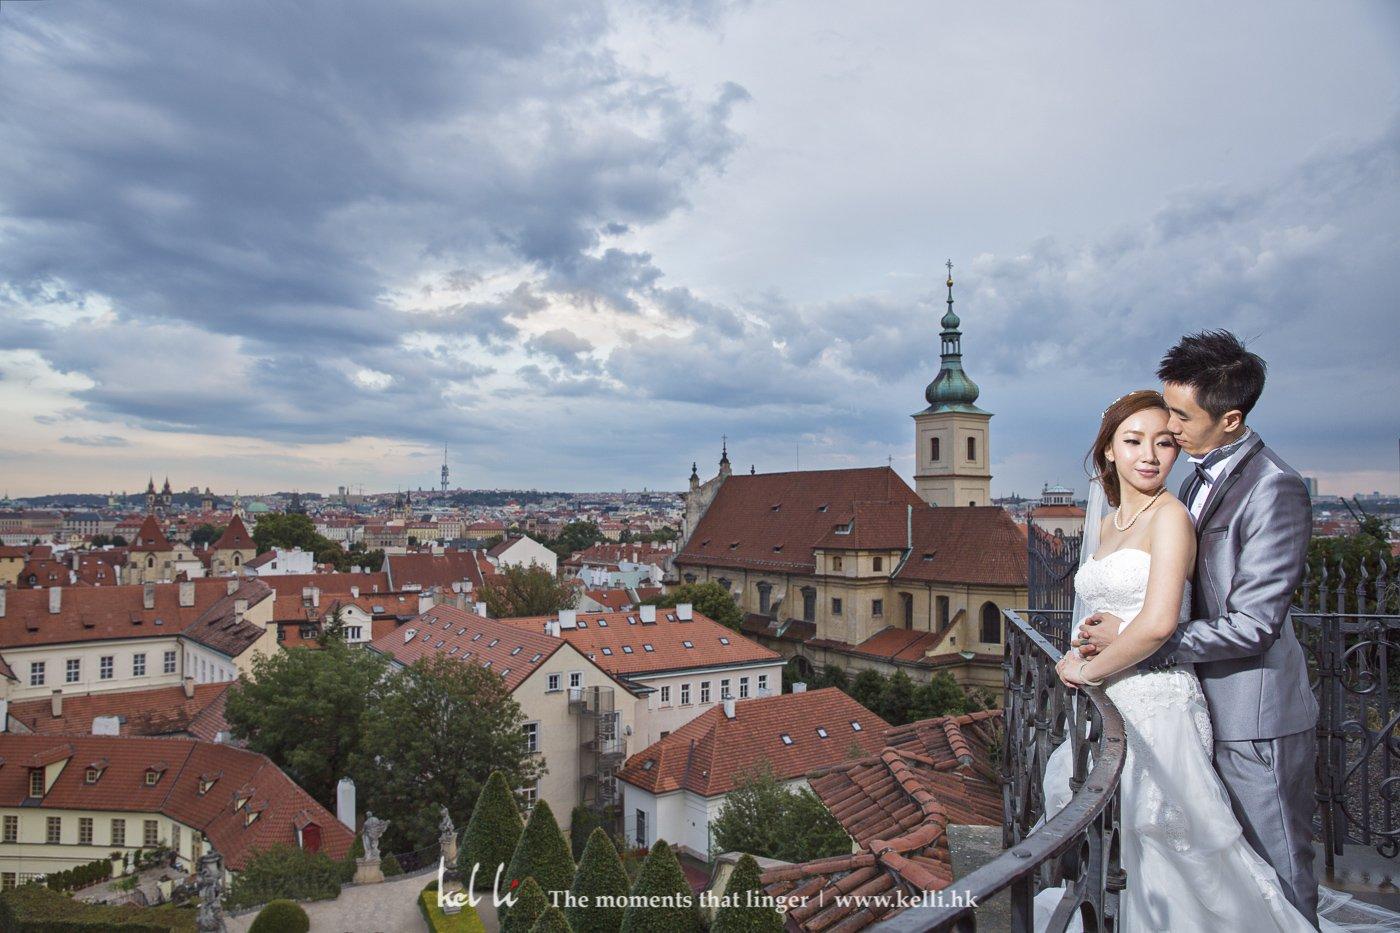 能夠拍得布拉格全景的地方並不多,這裡是其中一個